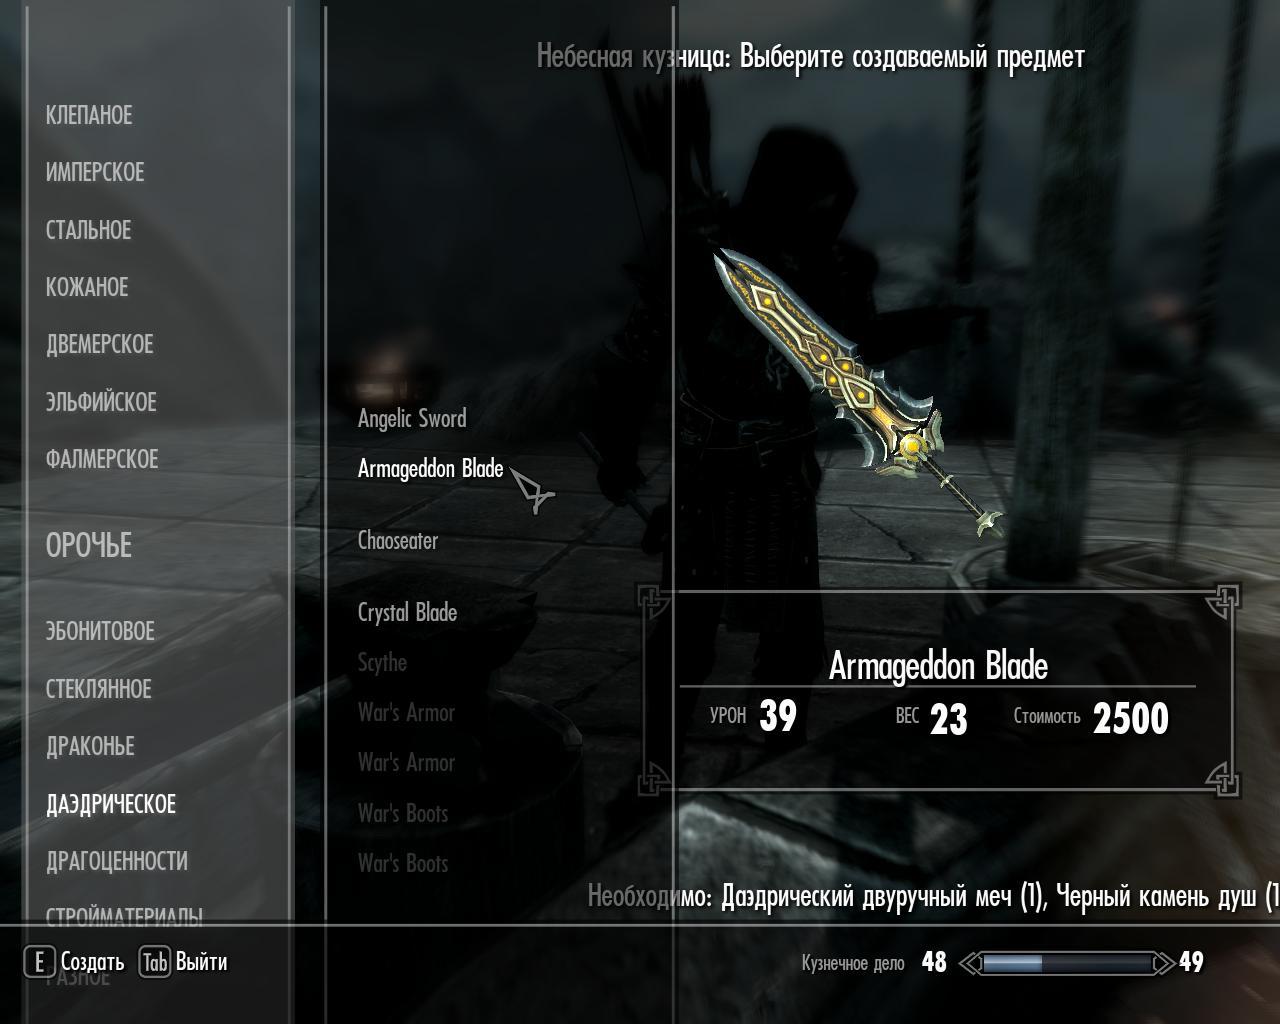 Кода на скайрим на оружие в картинках